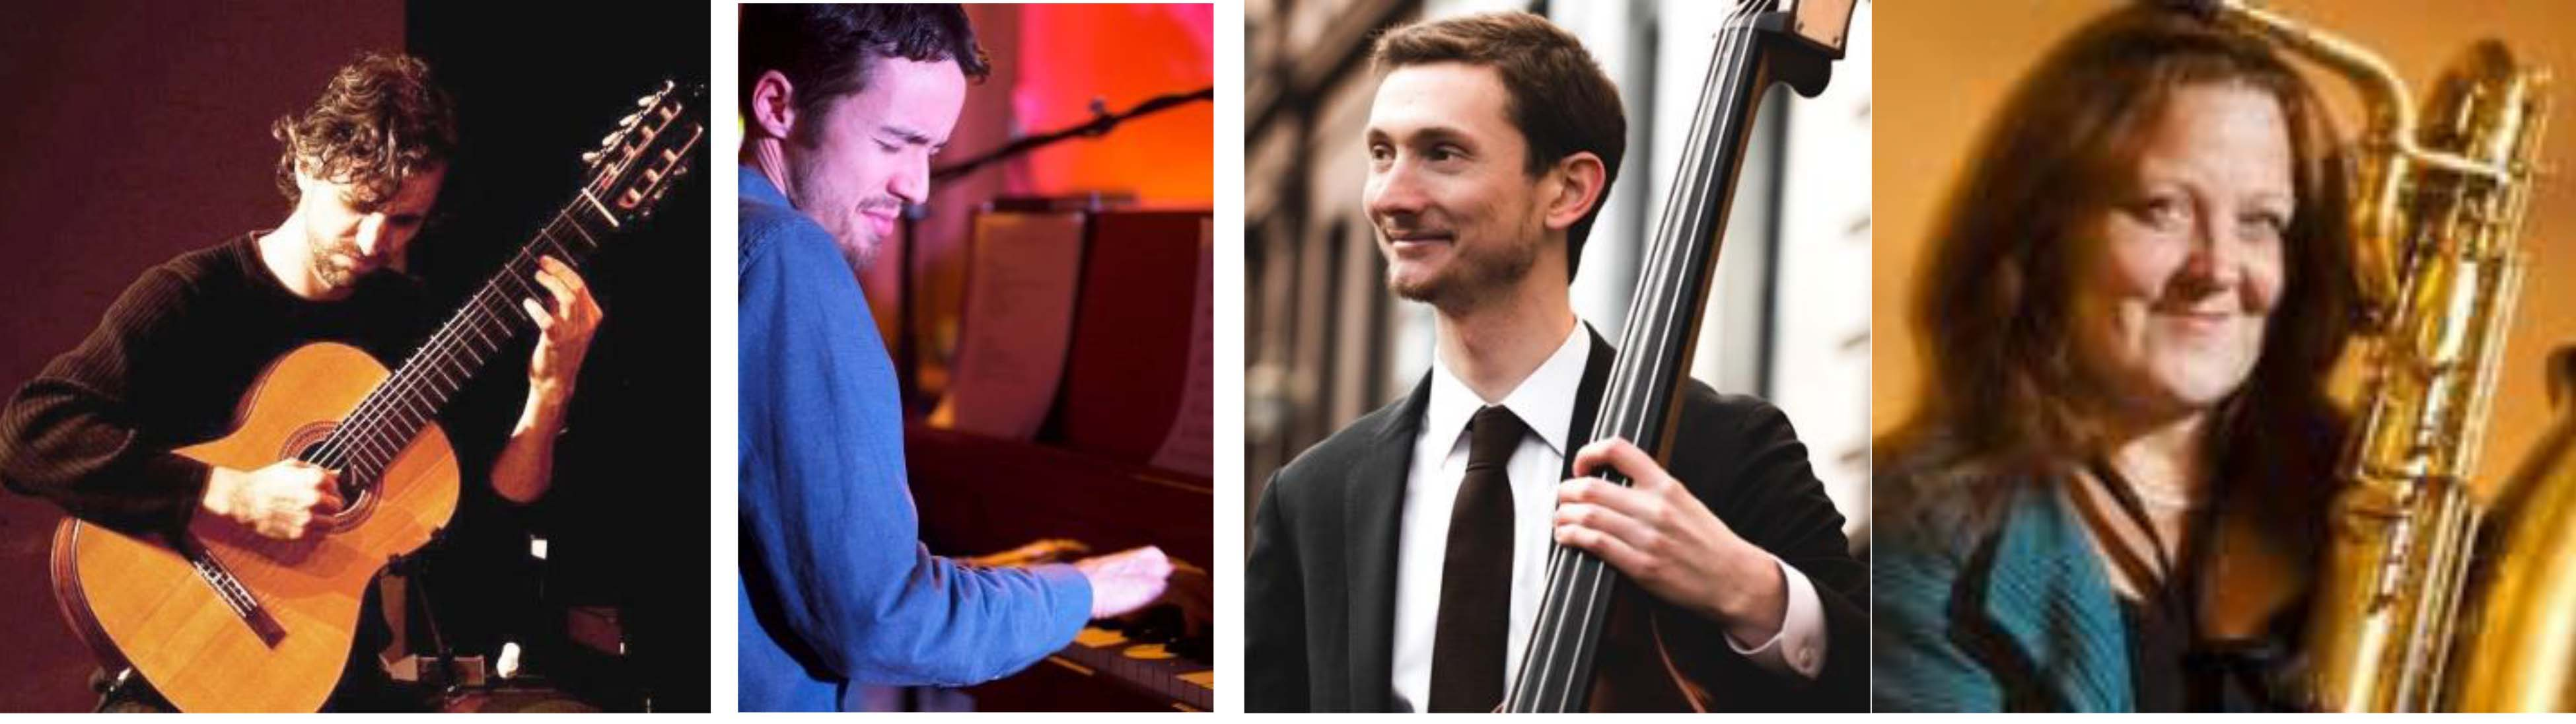 Sprague / Jaffe / Ennis Trio With Claire Daly